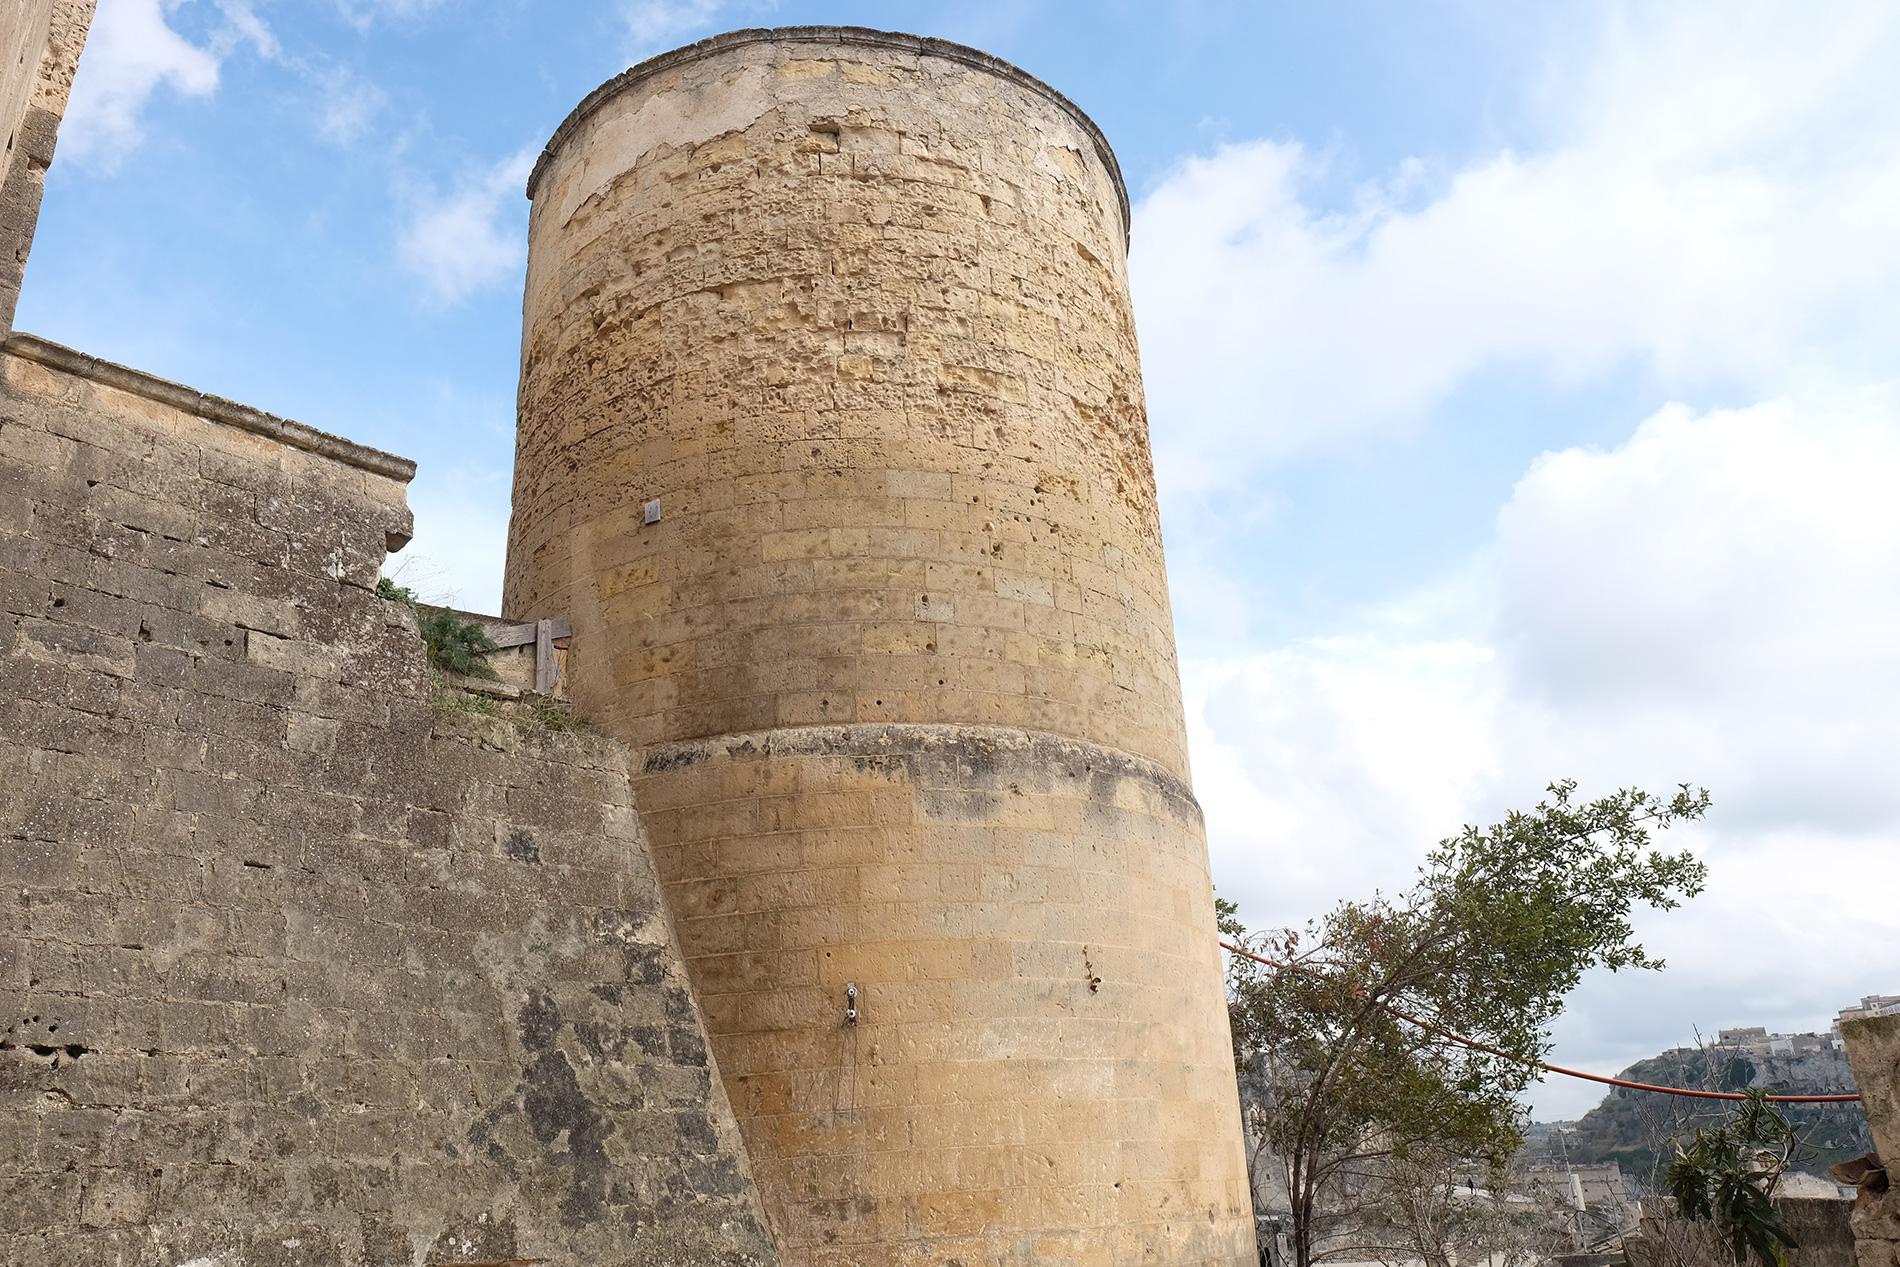 La torre del Museo di arte contemporanea a Matera - TAM